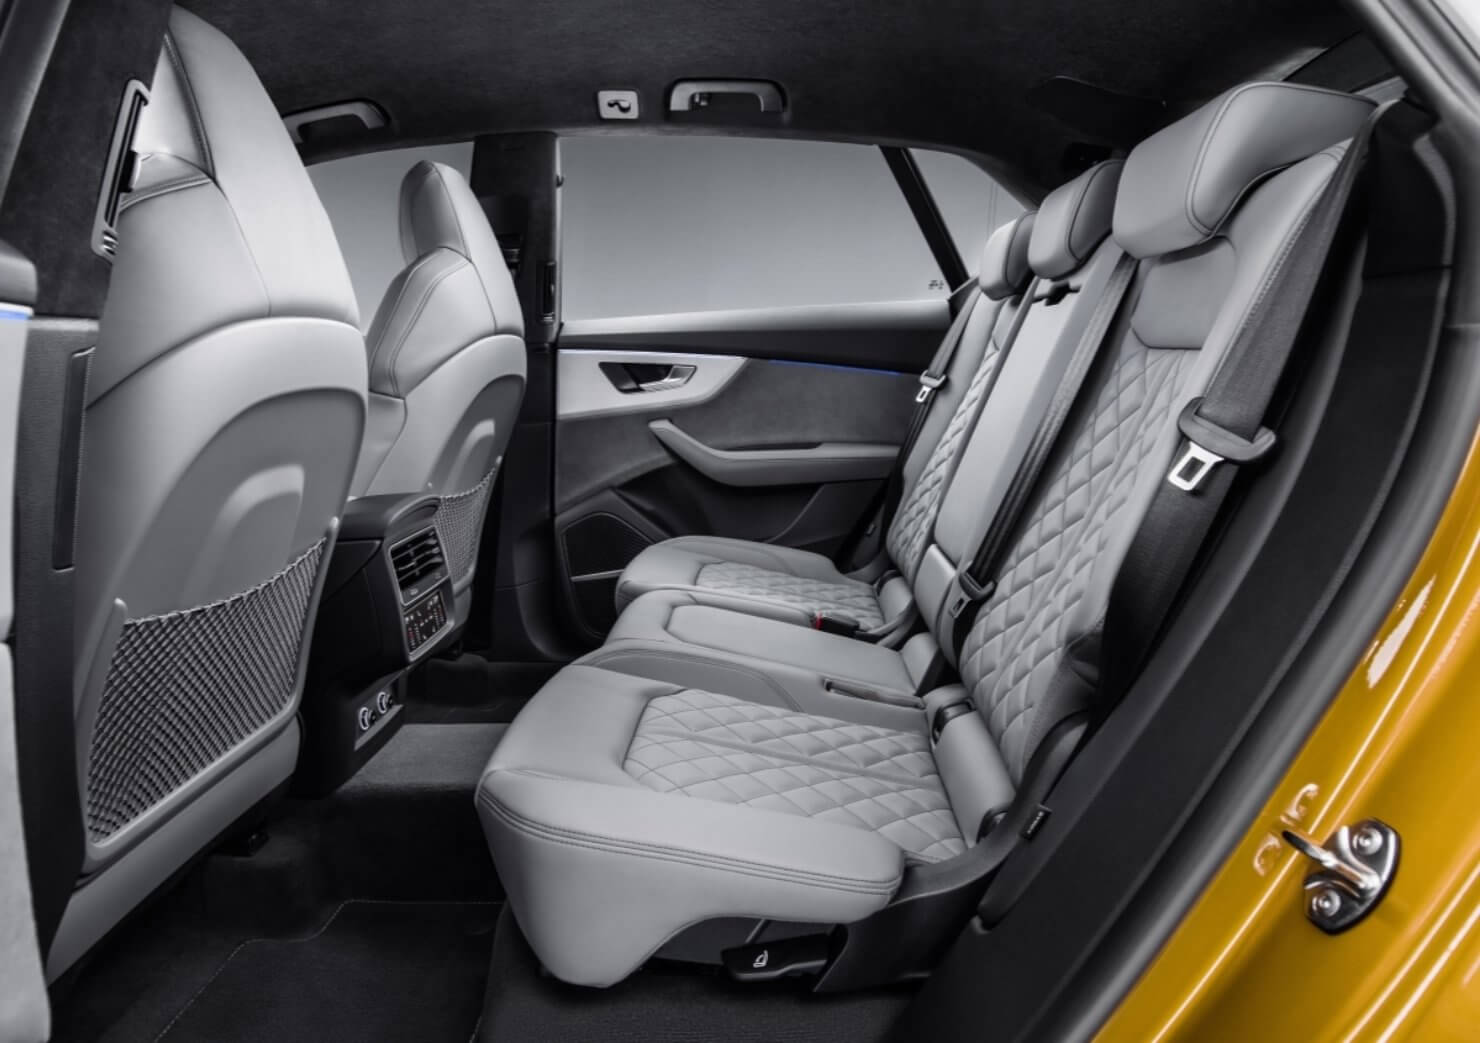 نسخه جدید خودرو Q8 آئودی در راه بازار اروپا